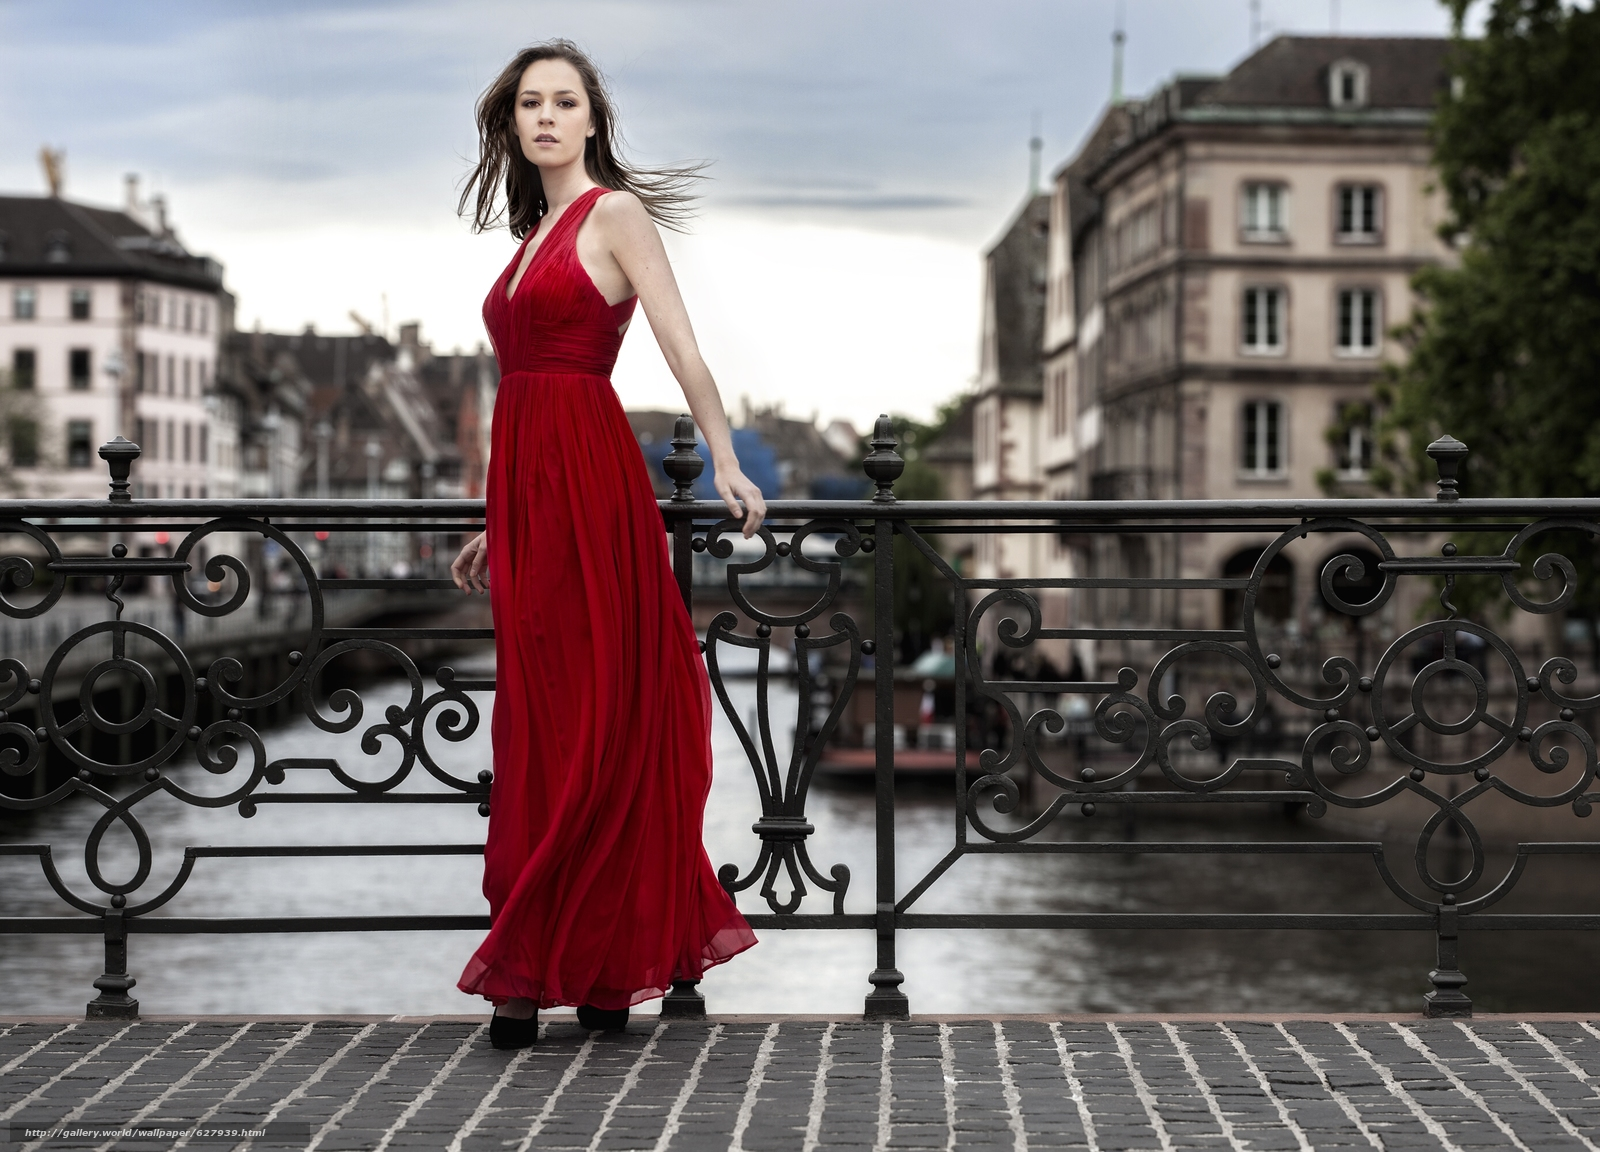 Скачать на телефон обои фото картинку на тему модель, красное платье, платье, стиль, мост, разширение 2777x2000